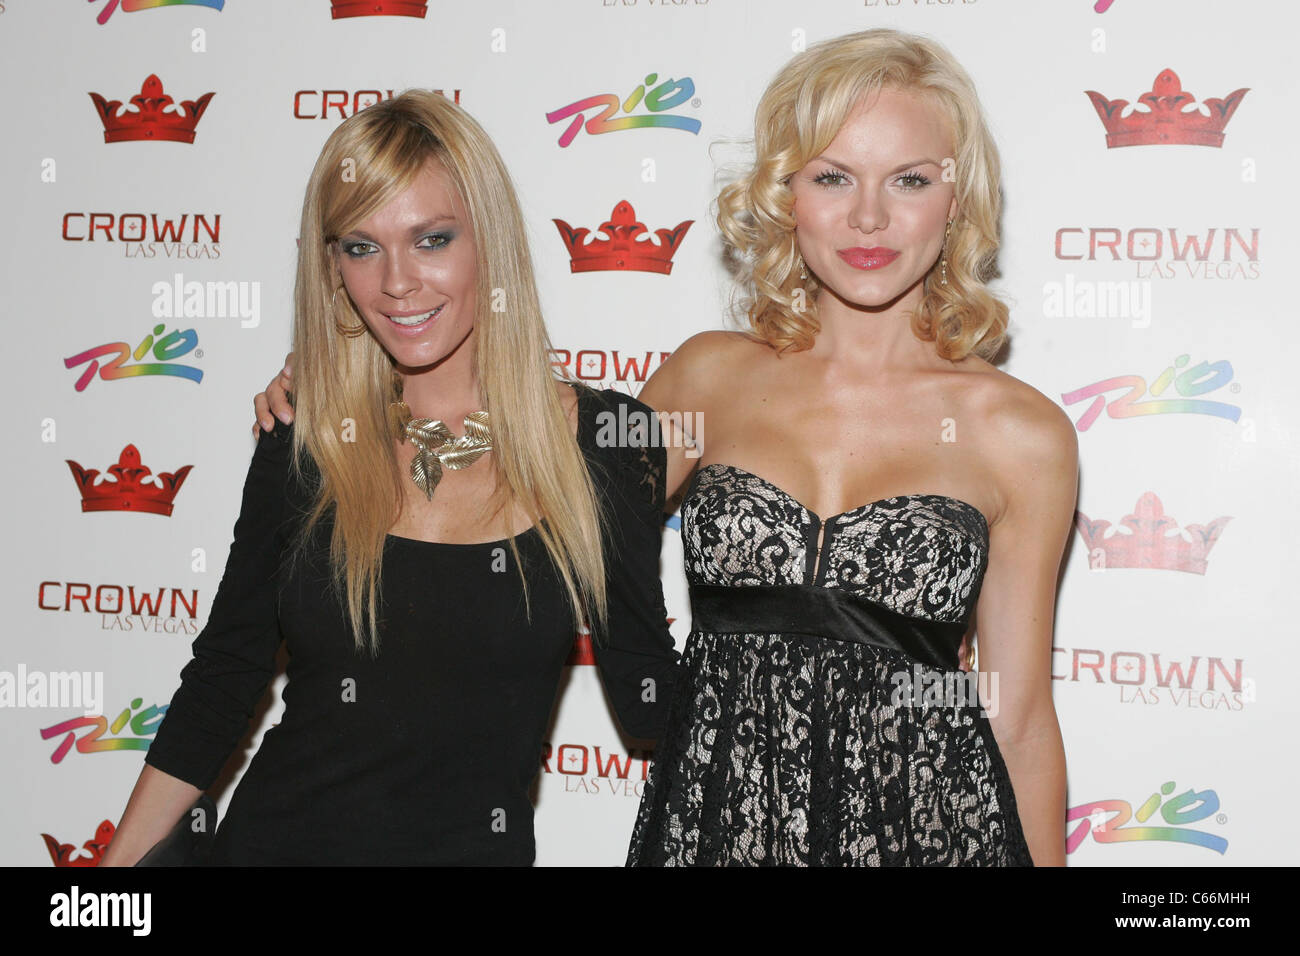 Jasmine Dustin, Anya Monzikova in attendance for Anya Monzikova and Jasmine Dustin at Crown Nightclub, , Las Vegas, - Stock Image